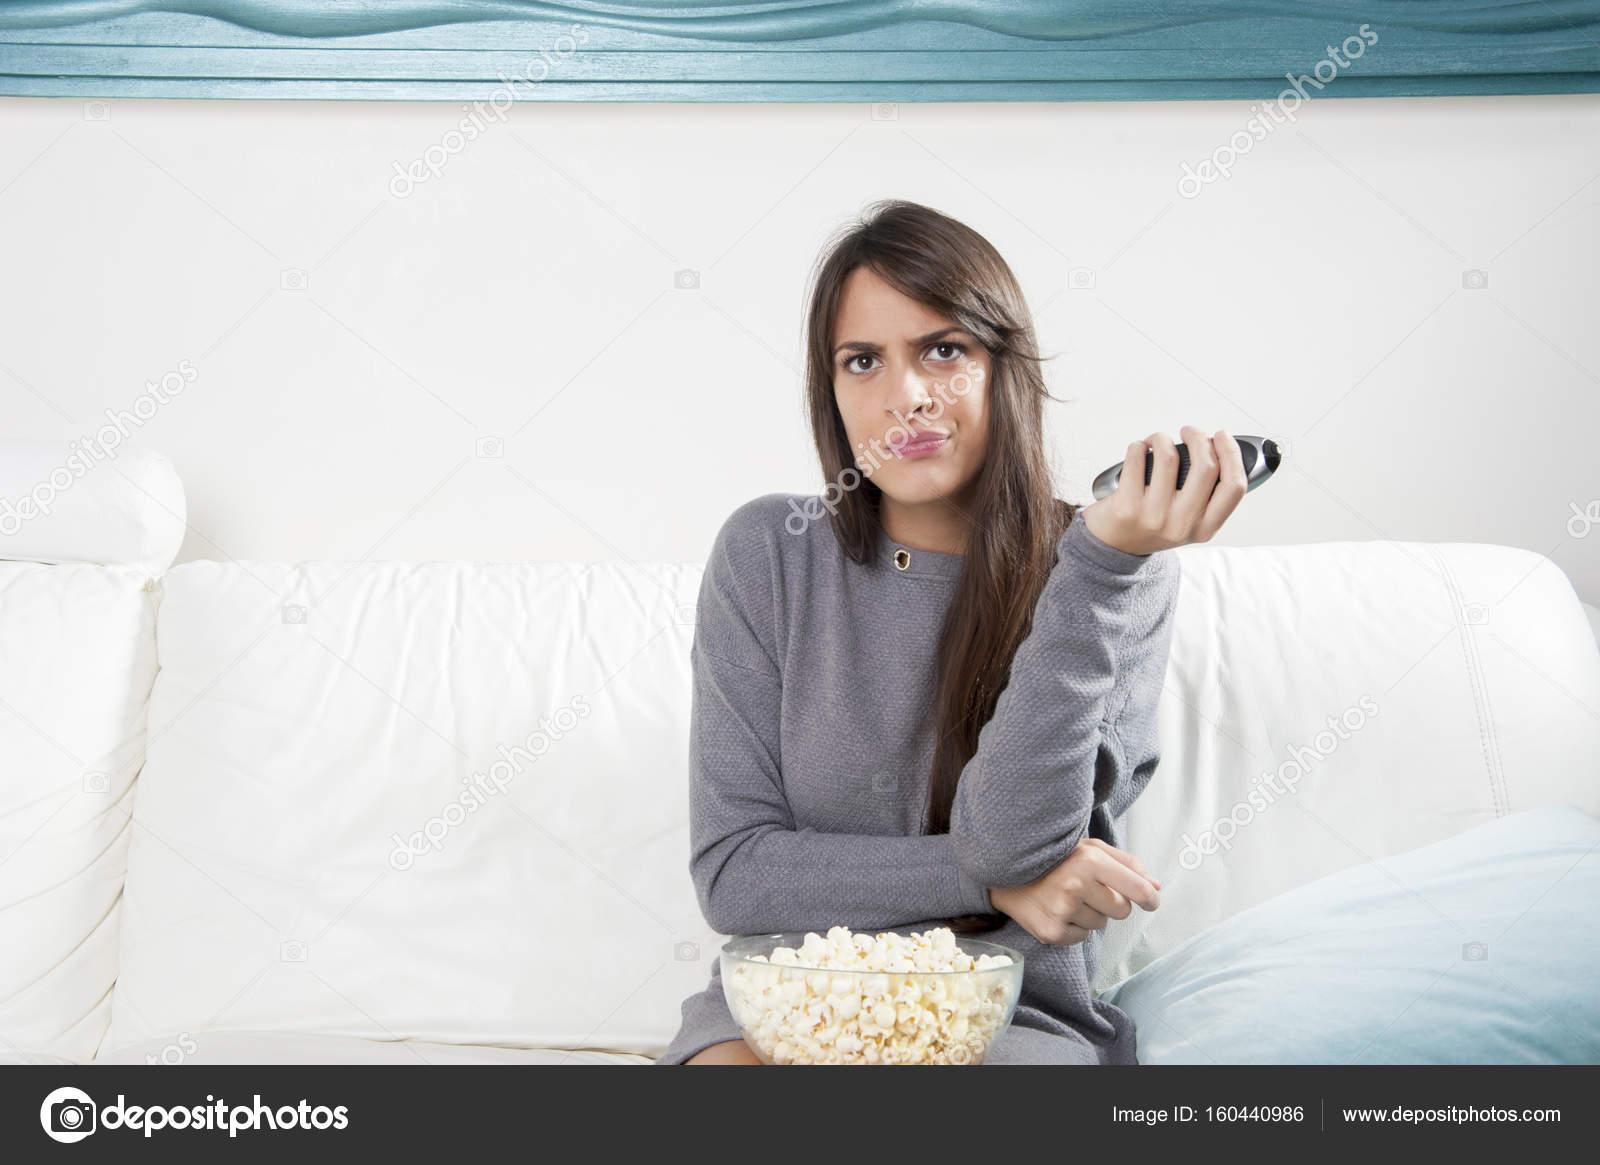 junge Frau Essen Popcorn, Filme schauen und Popcorn Essen, modernes ...